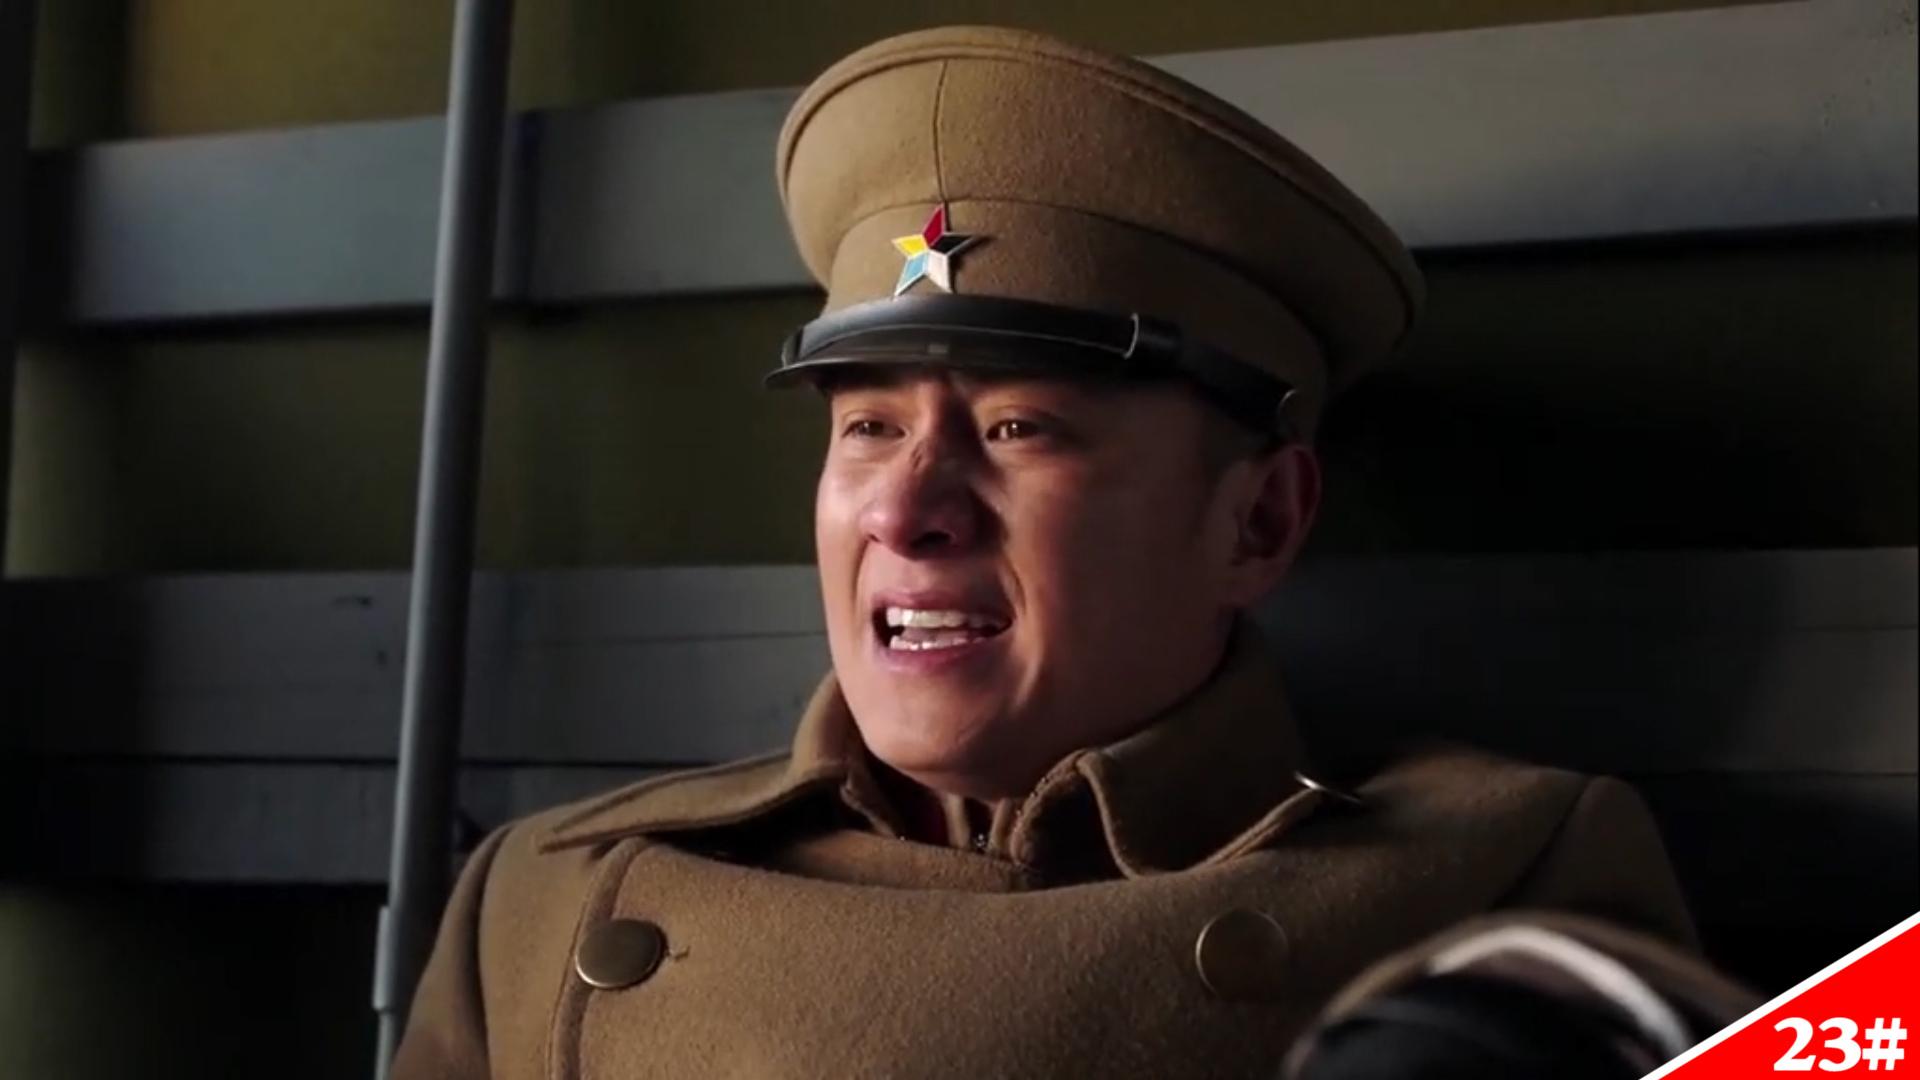 少帅:郭松龄带7万奉军精锐起义,张学良痛心疾首,兄弟相残啊!